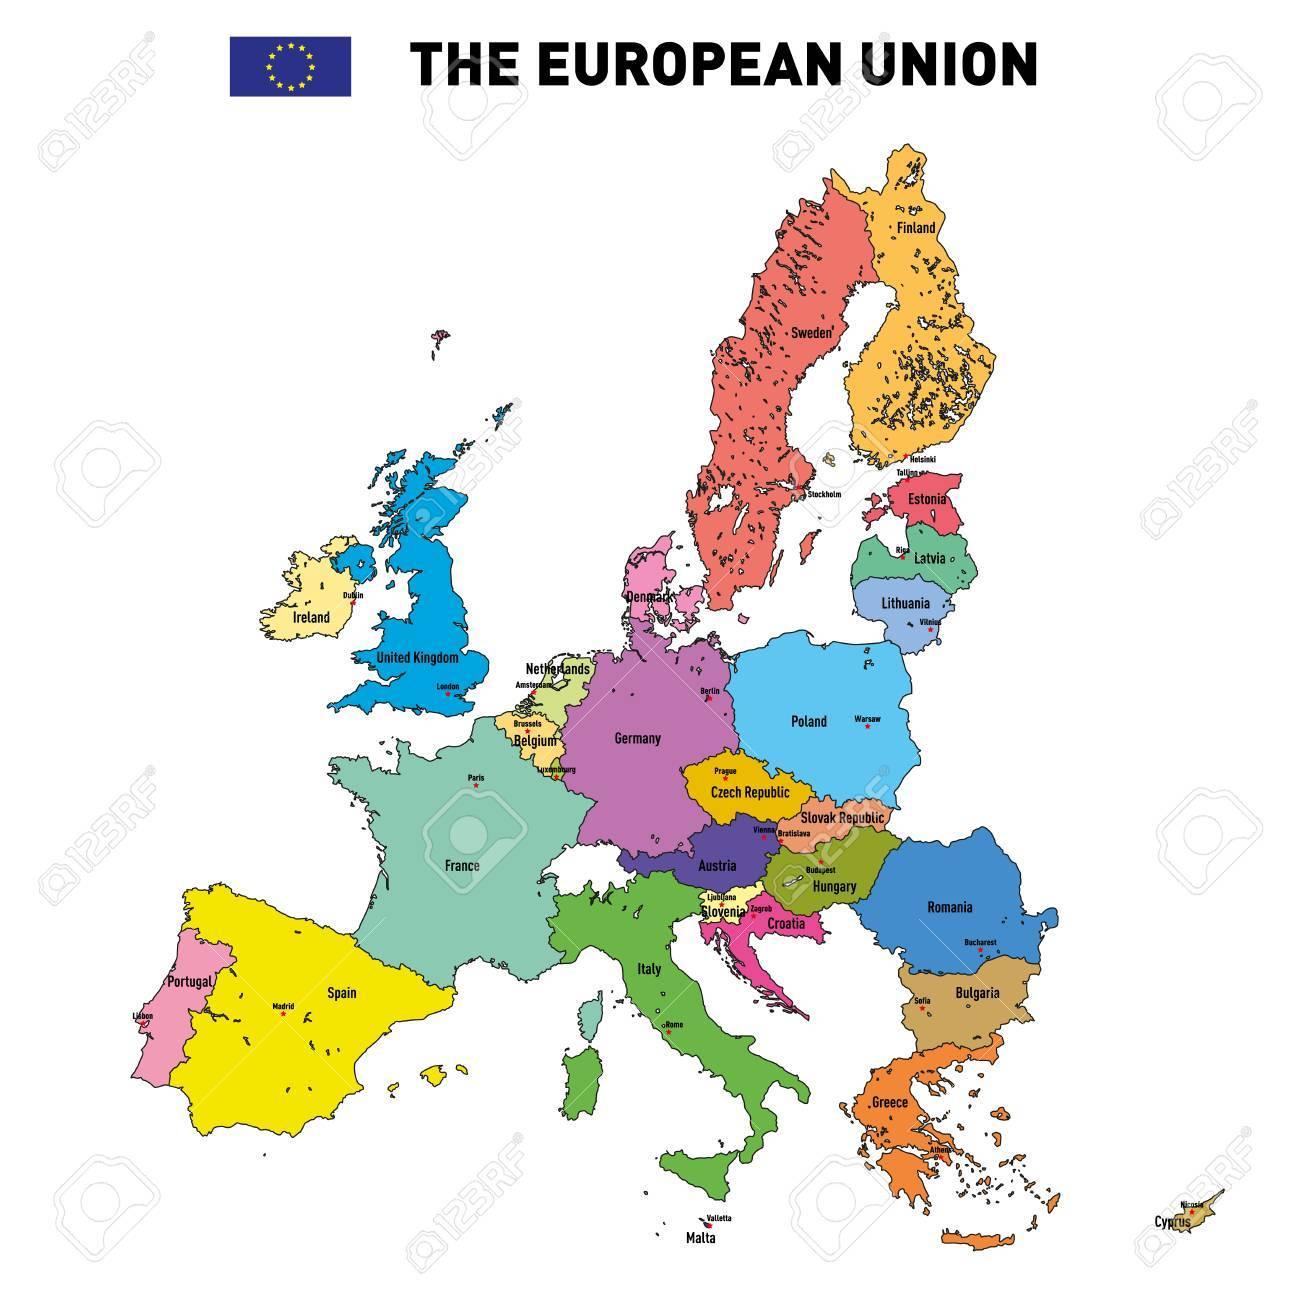 Vector Très Détaillée Carte Politique De L'union Européenne Avec Des  Drapeaux Et Capitales. Tous Les Éléments Sont Séparés Dans Des Couches intérieur Carte D Europe Avec Les Capitales